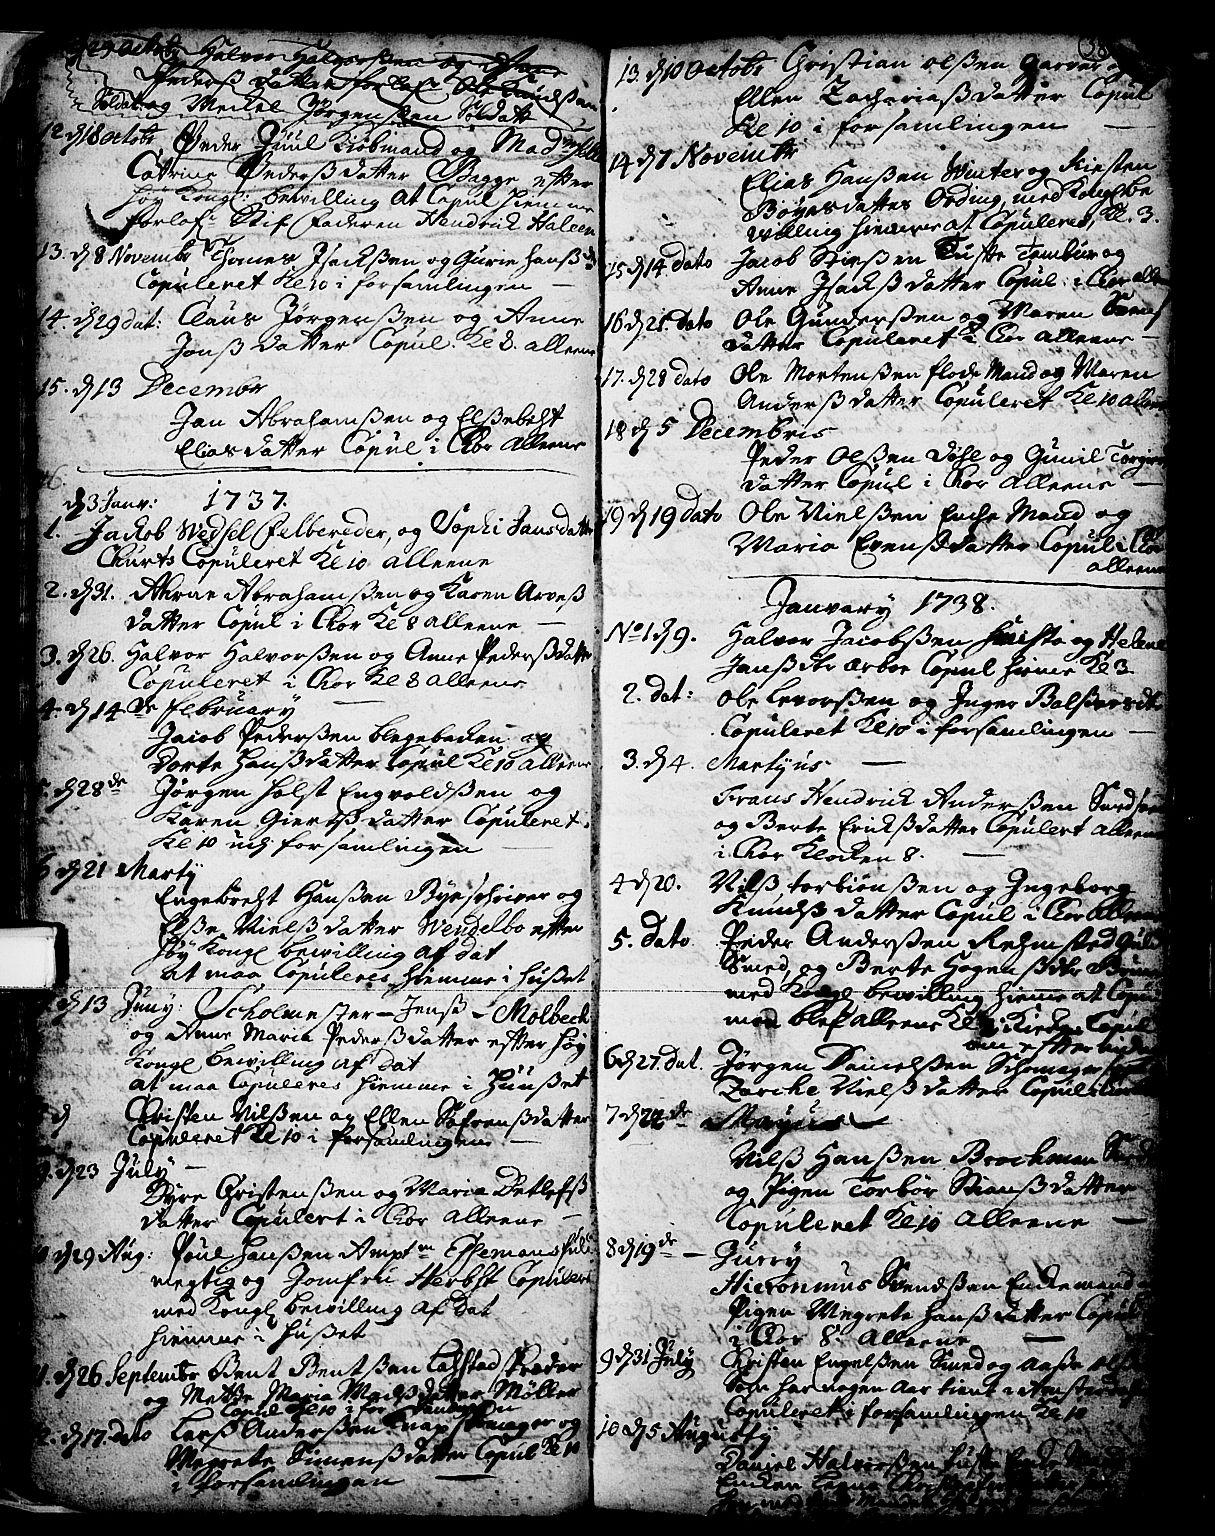 SAKO, Skien kirkebøker, F/Fa/L0002: Ministerialbok nr. 2, 1716-1757, s. 38